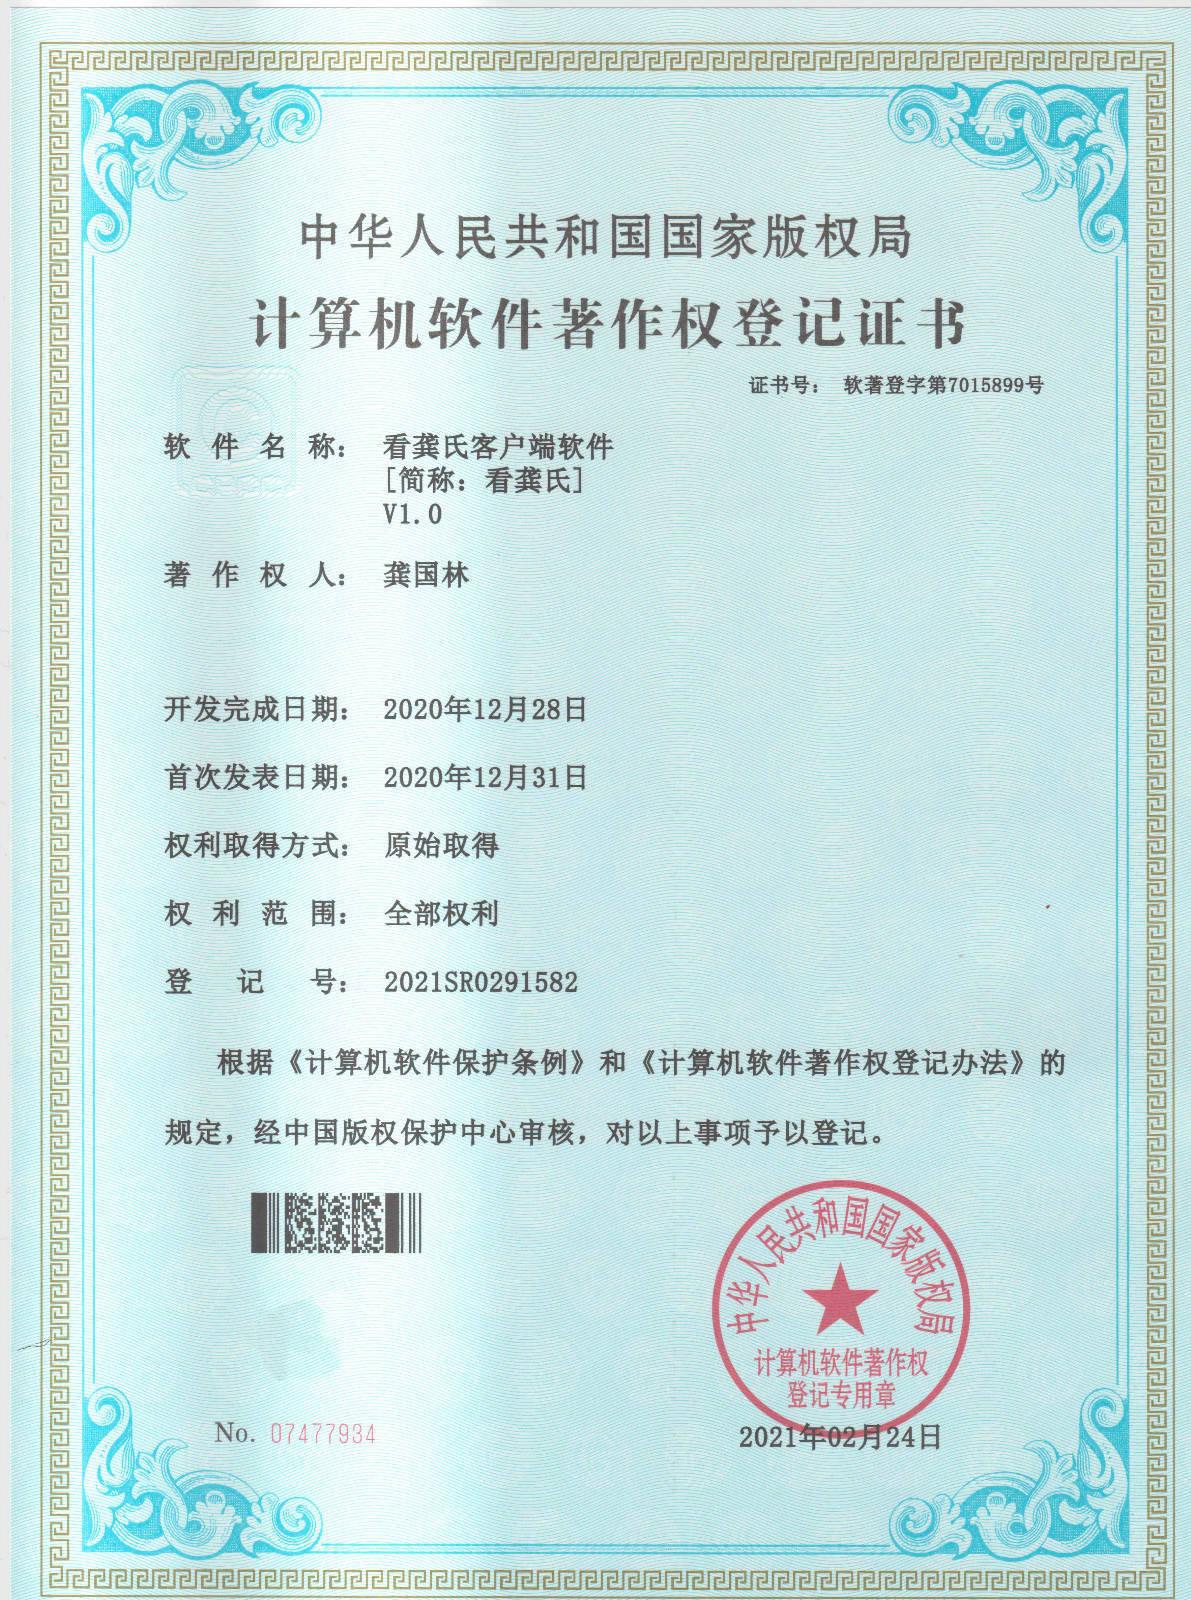 中华龚氏网荣获国家版权局著作权登记证书